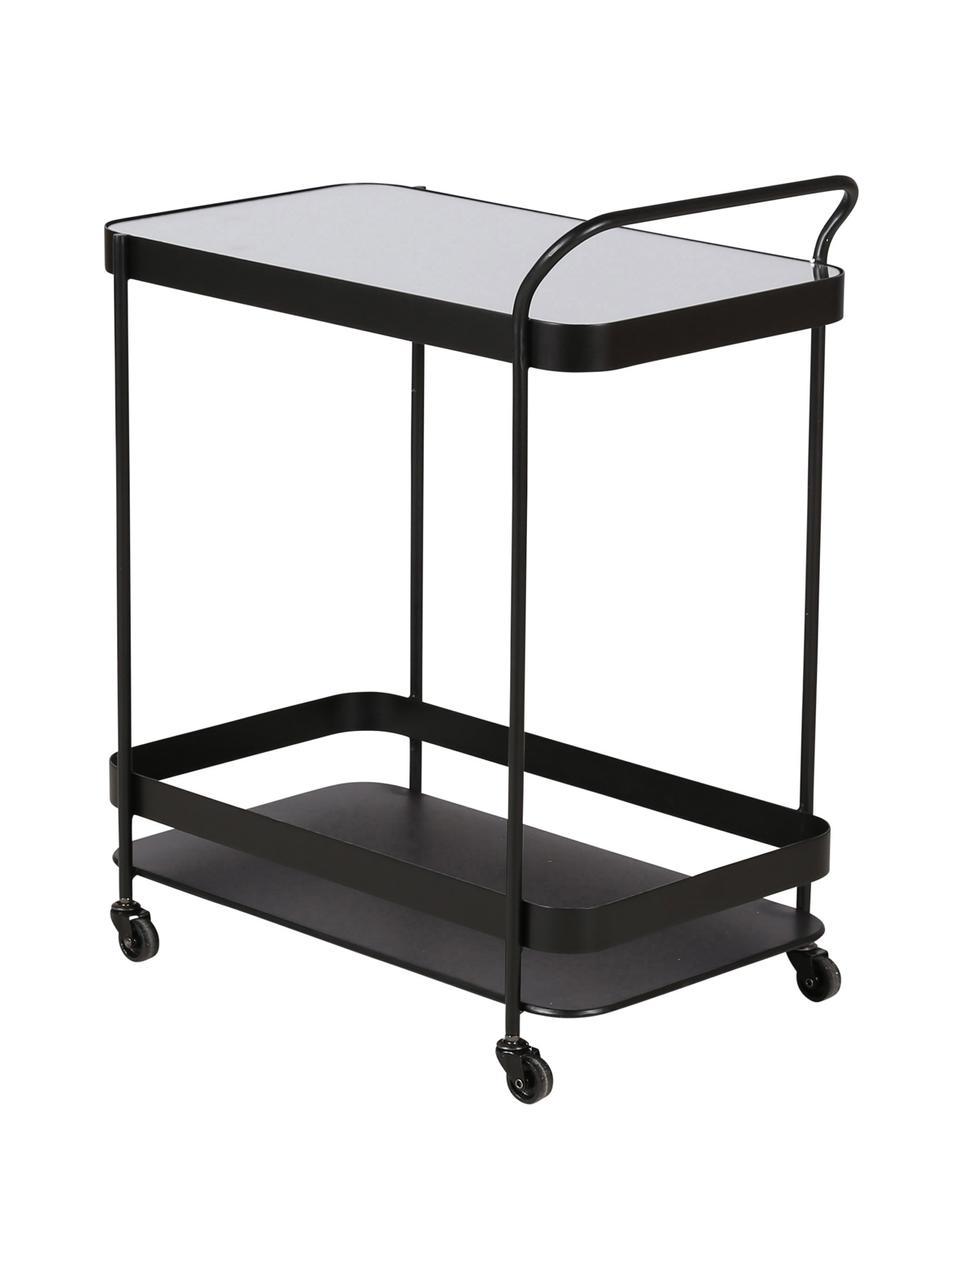 Wózek barowy z lustrzanym blatem Joya, Stelaż: metal powlekany, Czarny, S 63 x W 76 cm